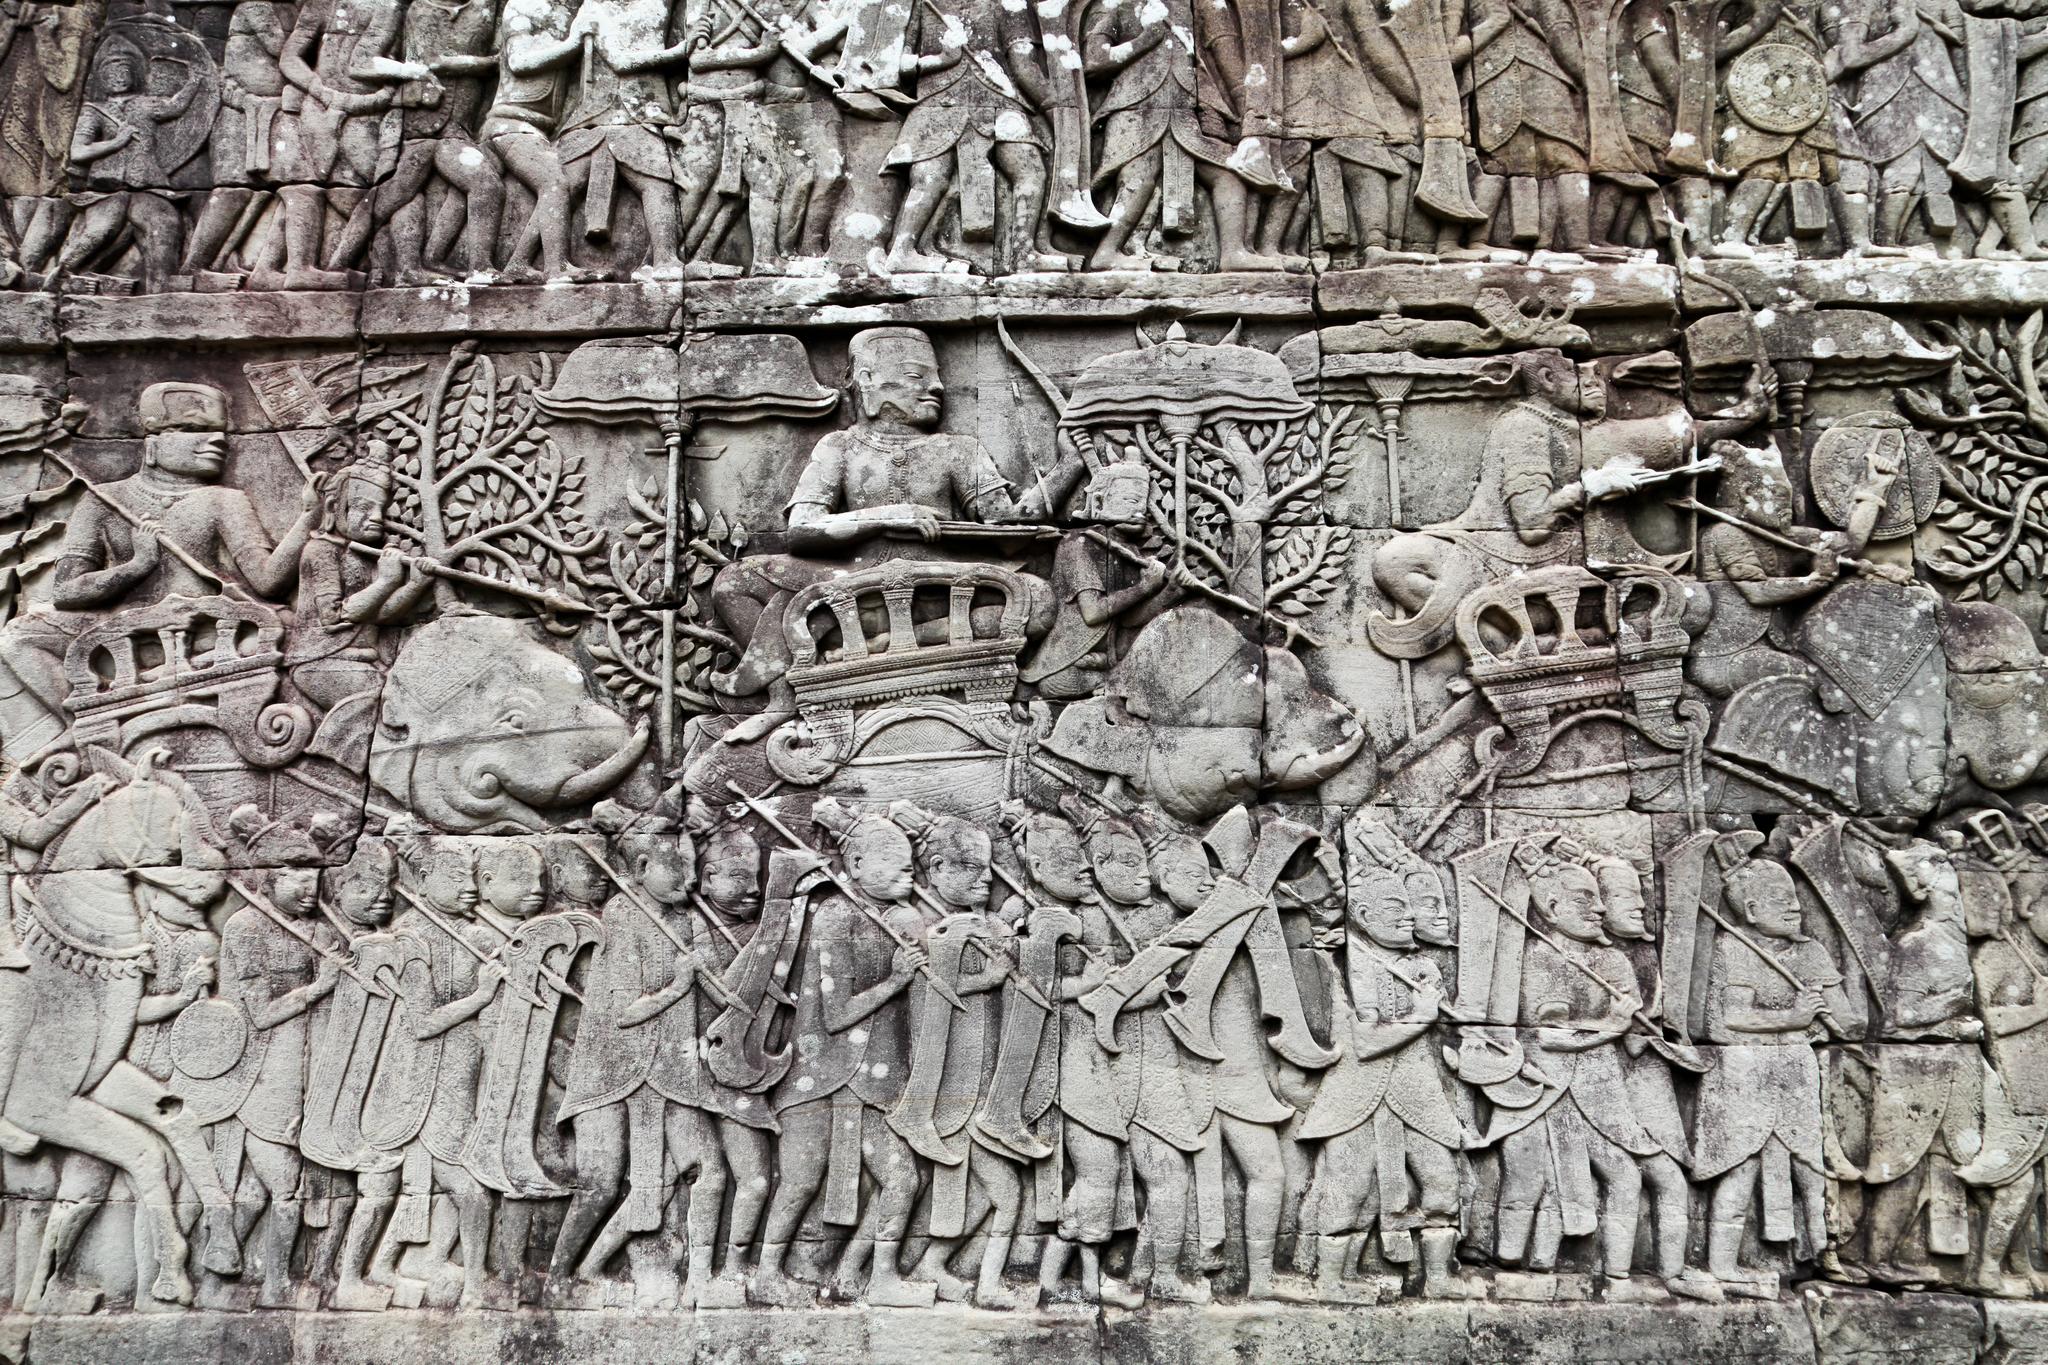 바욘 사원에도 재미난 부조가 많다. 조각 속 수염 기른 이들은 중국 군인이다. 최승표 기자